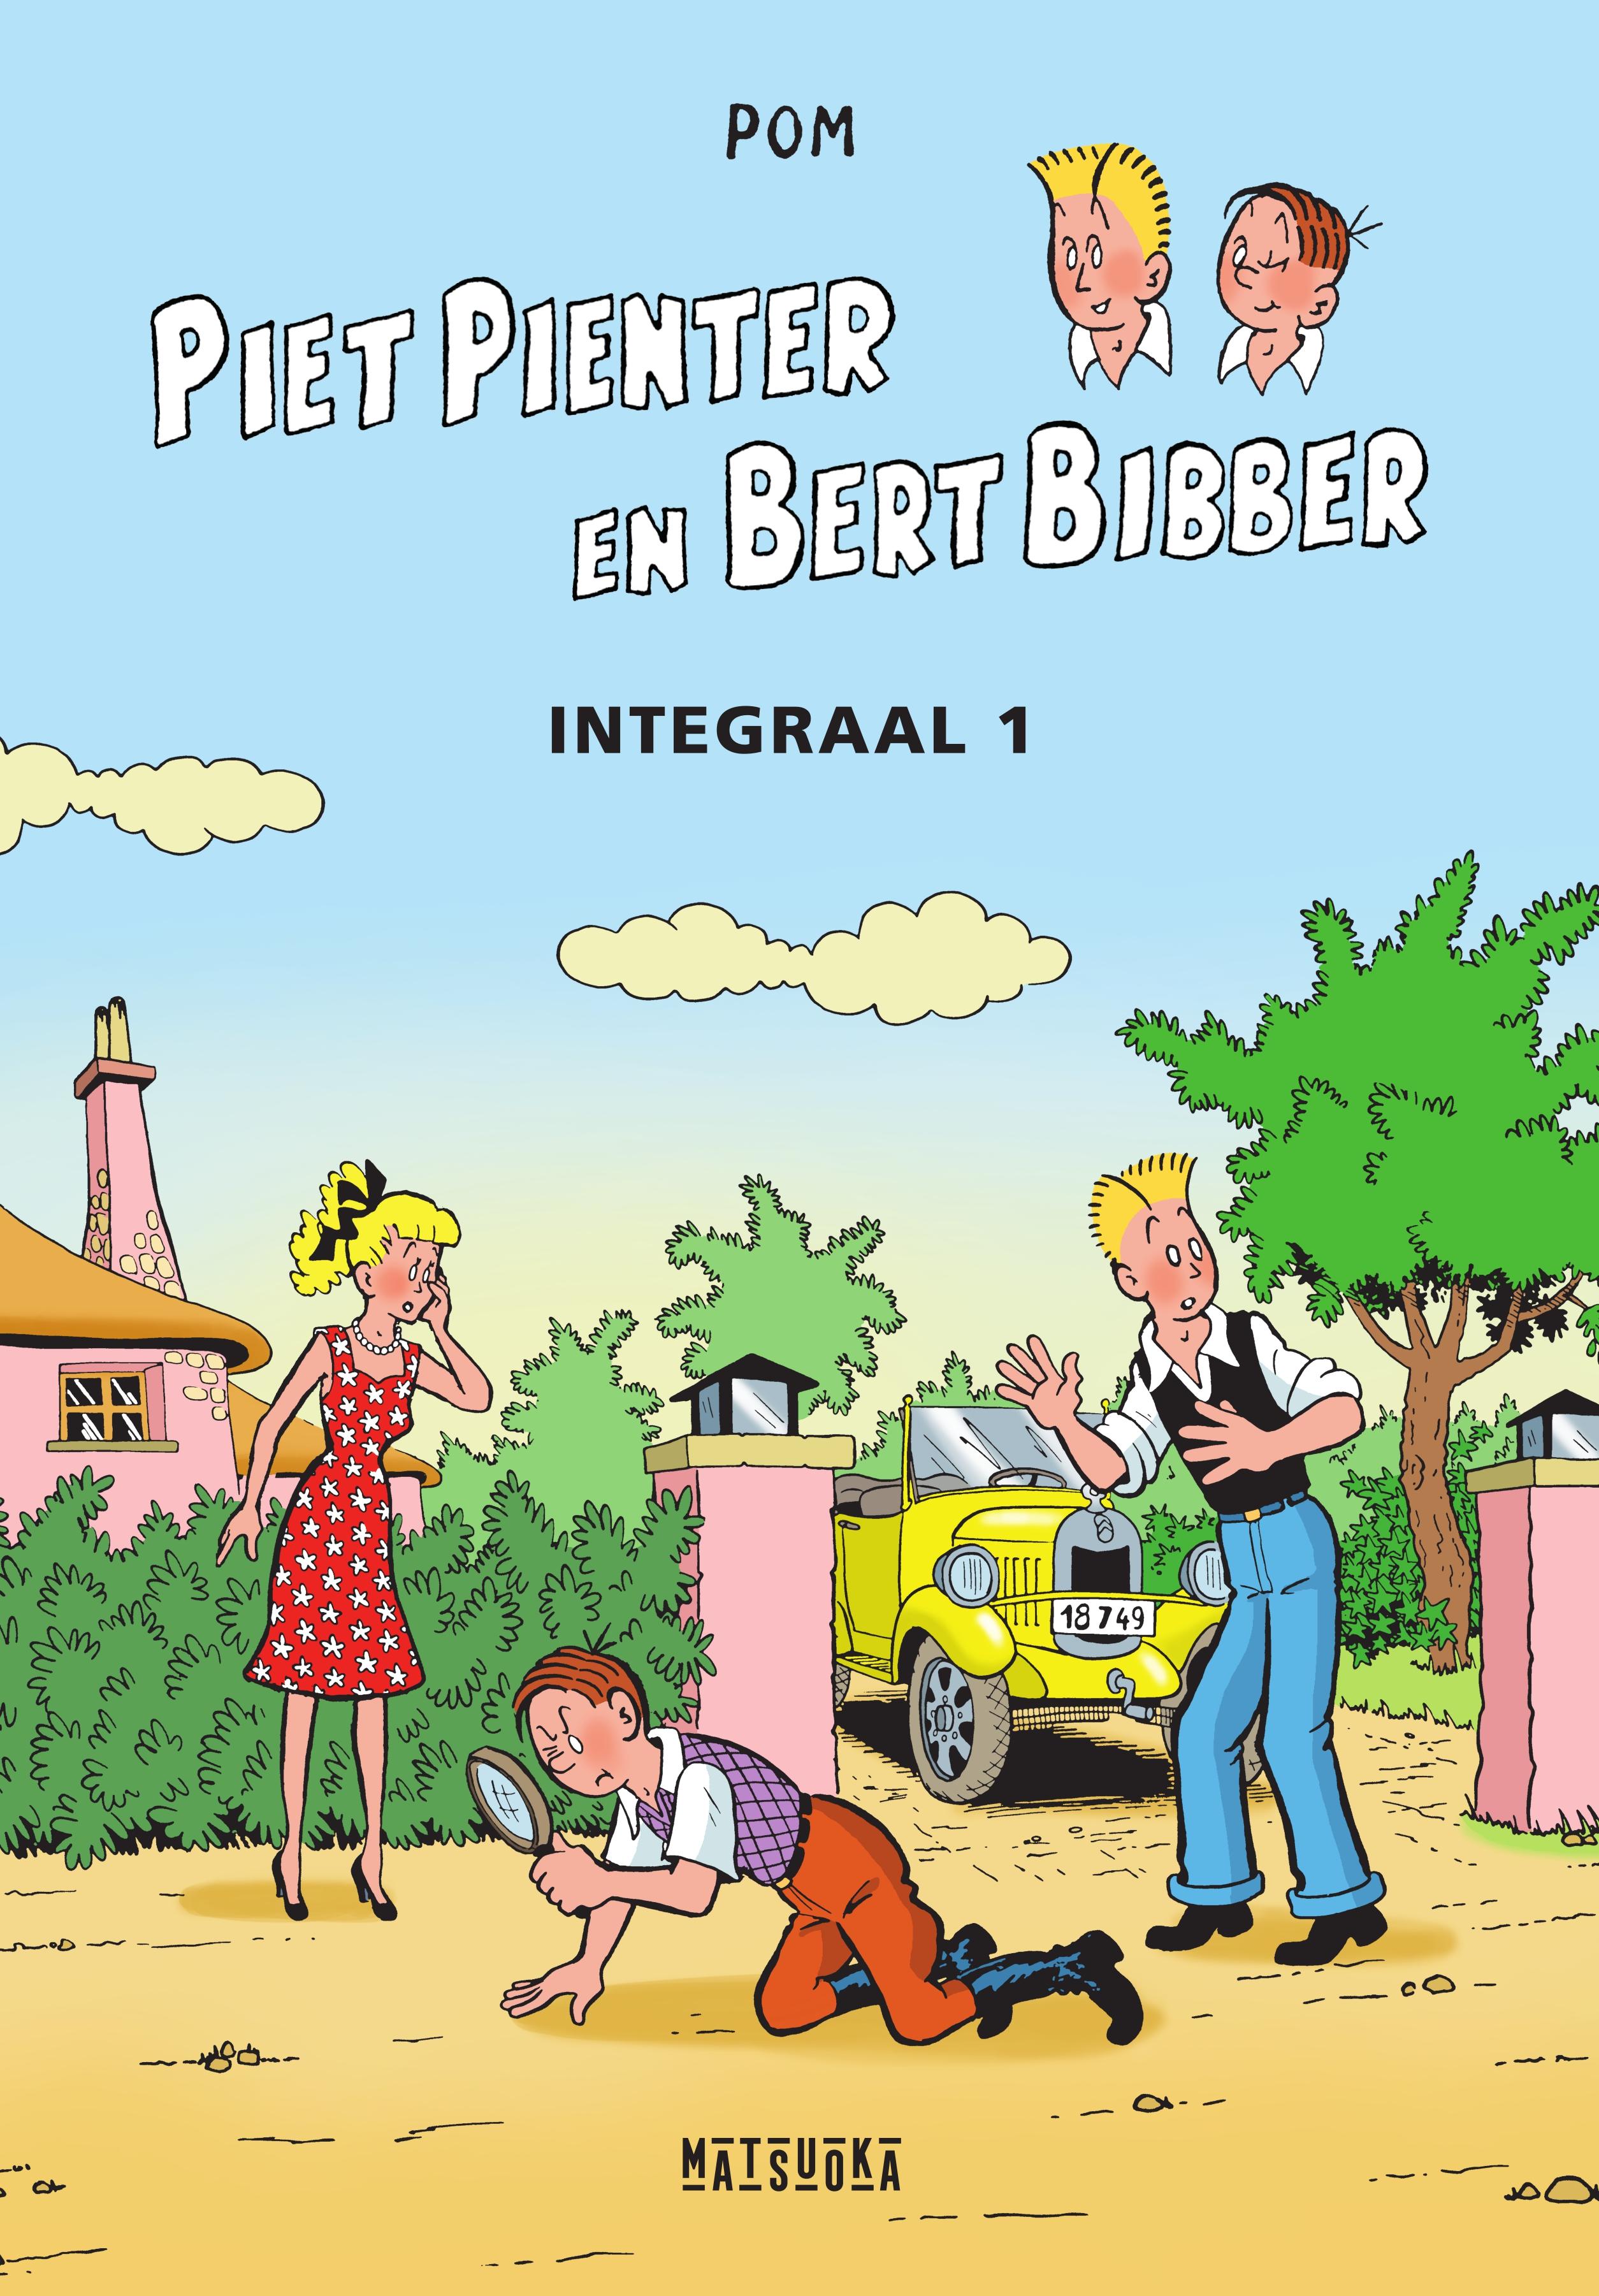 01 Piet Pienter en Bert Bibber Integrale 1